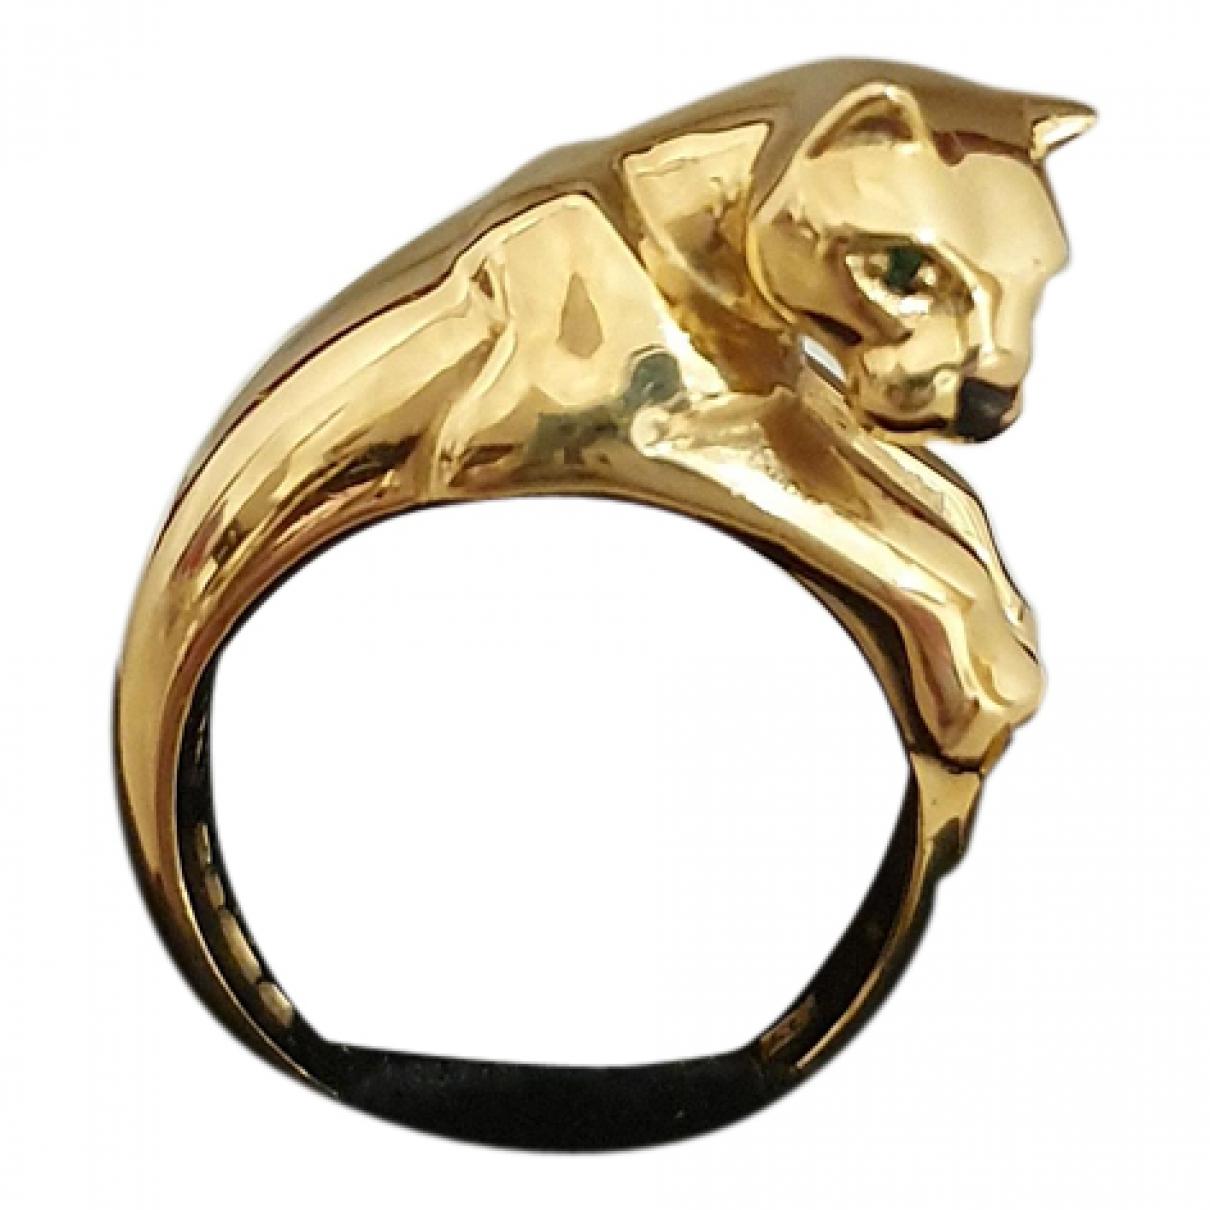 Cartier - Bague Panthere pour femme en or jaune